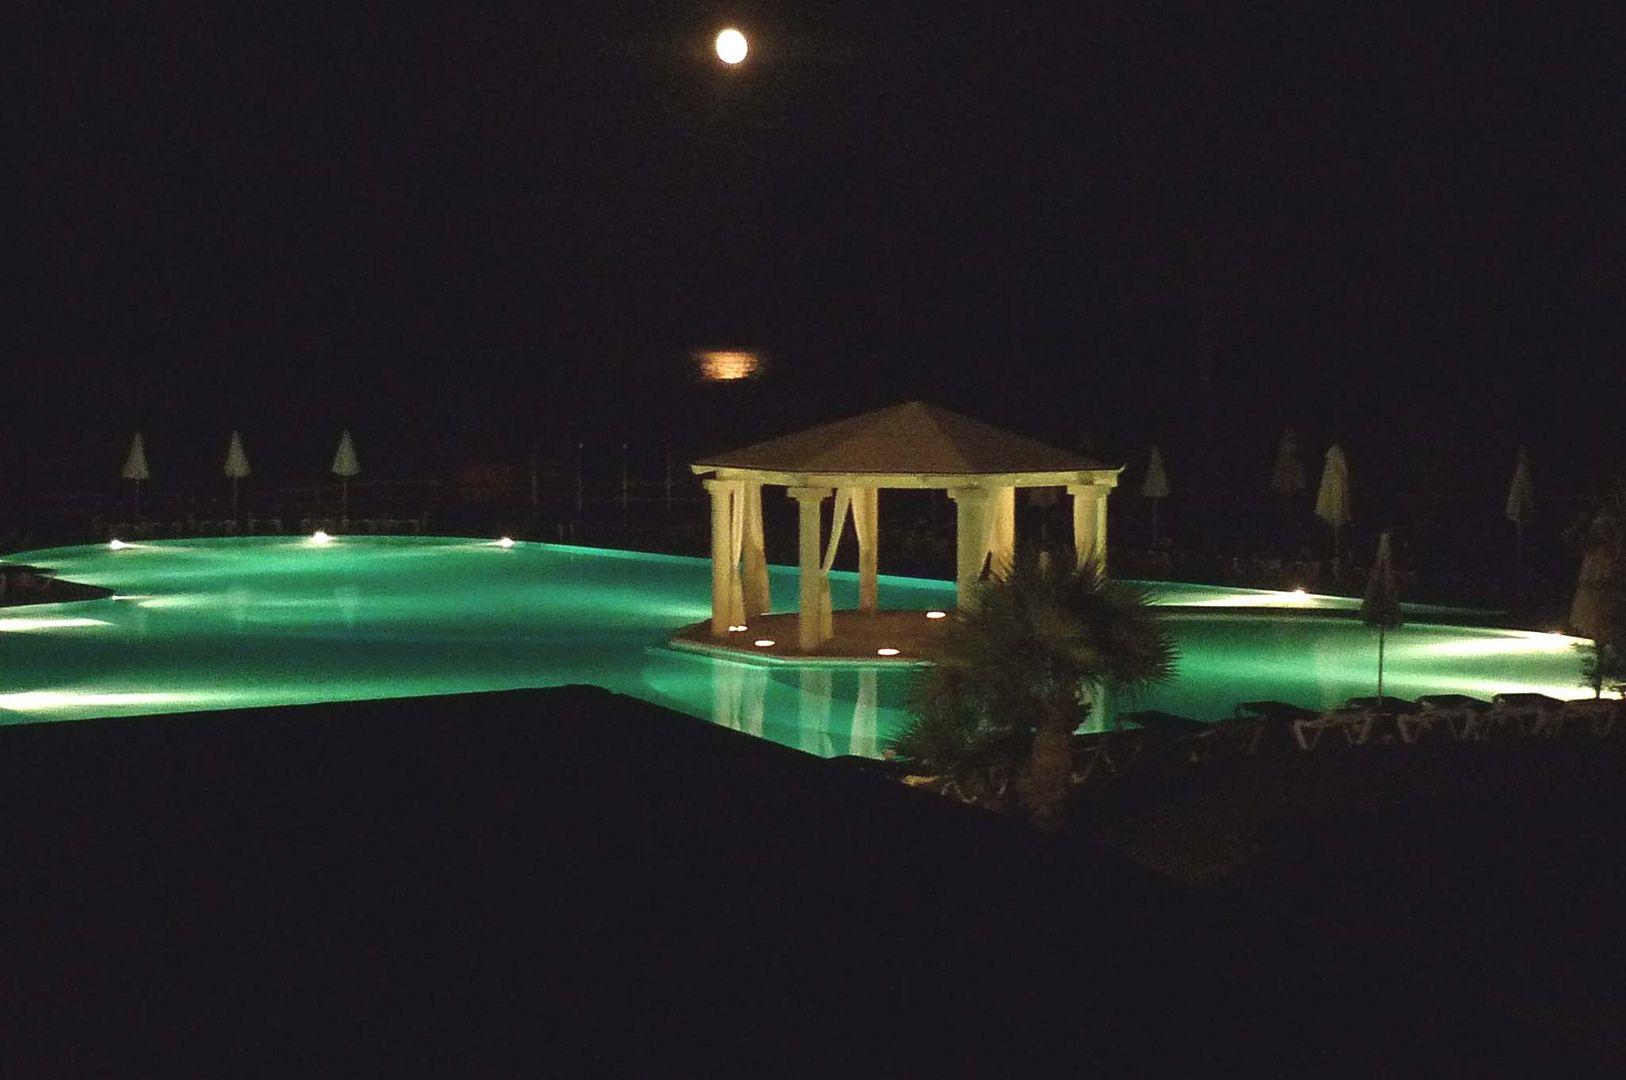 Piscina al chiar di luna